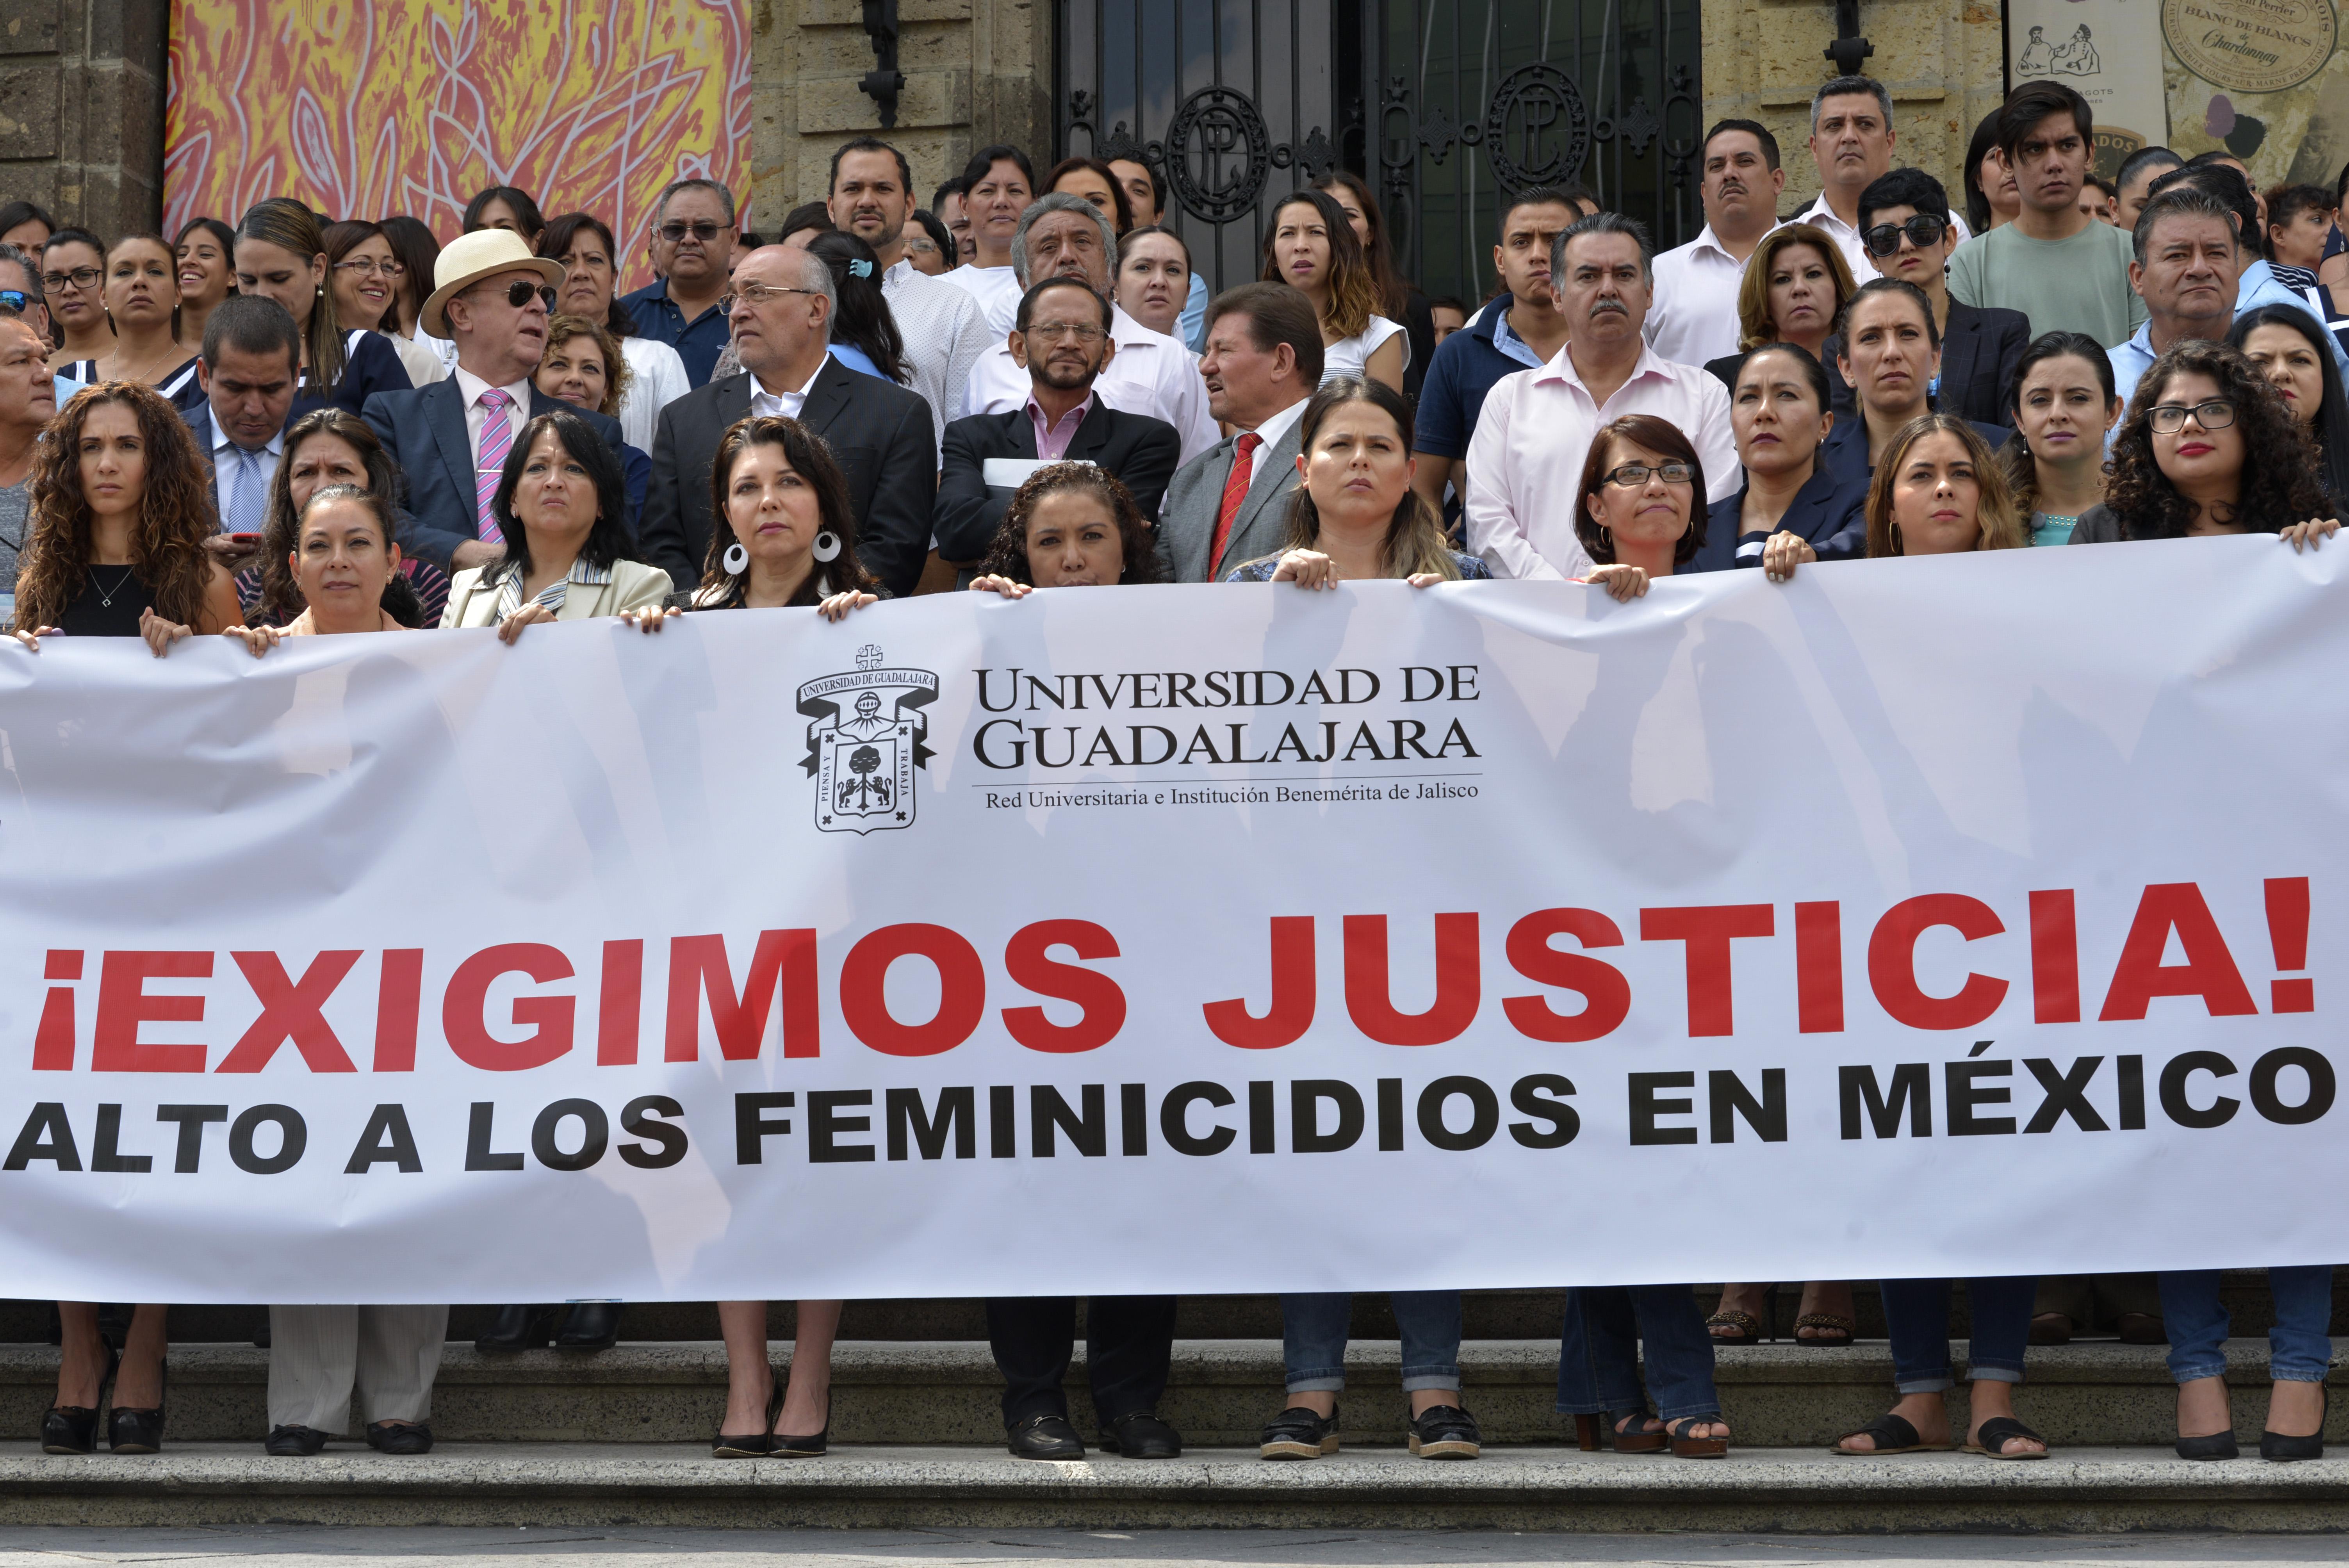 Integrantes de la comunidad universitaria afuera del MUSA, exigiendo justicia para Mara Fernanda Castilla Miranda.